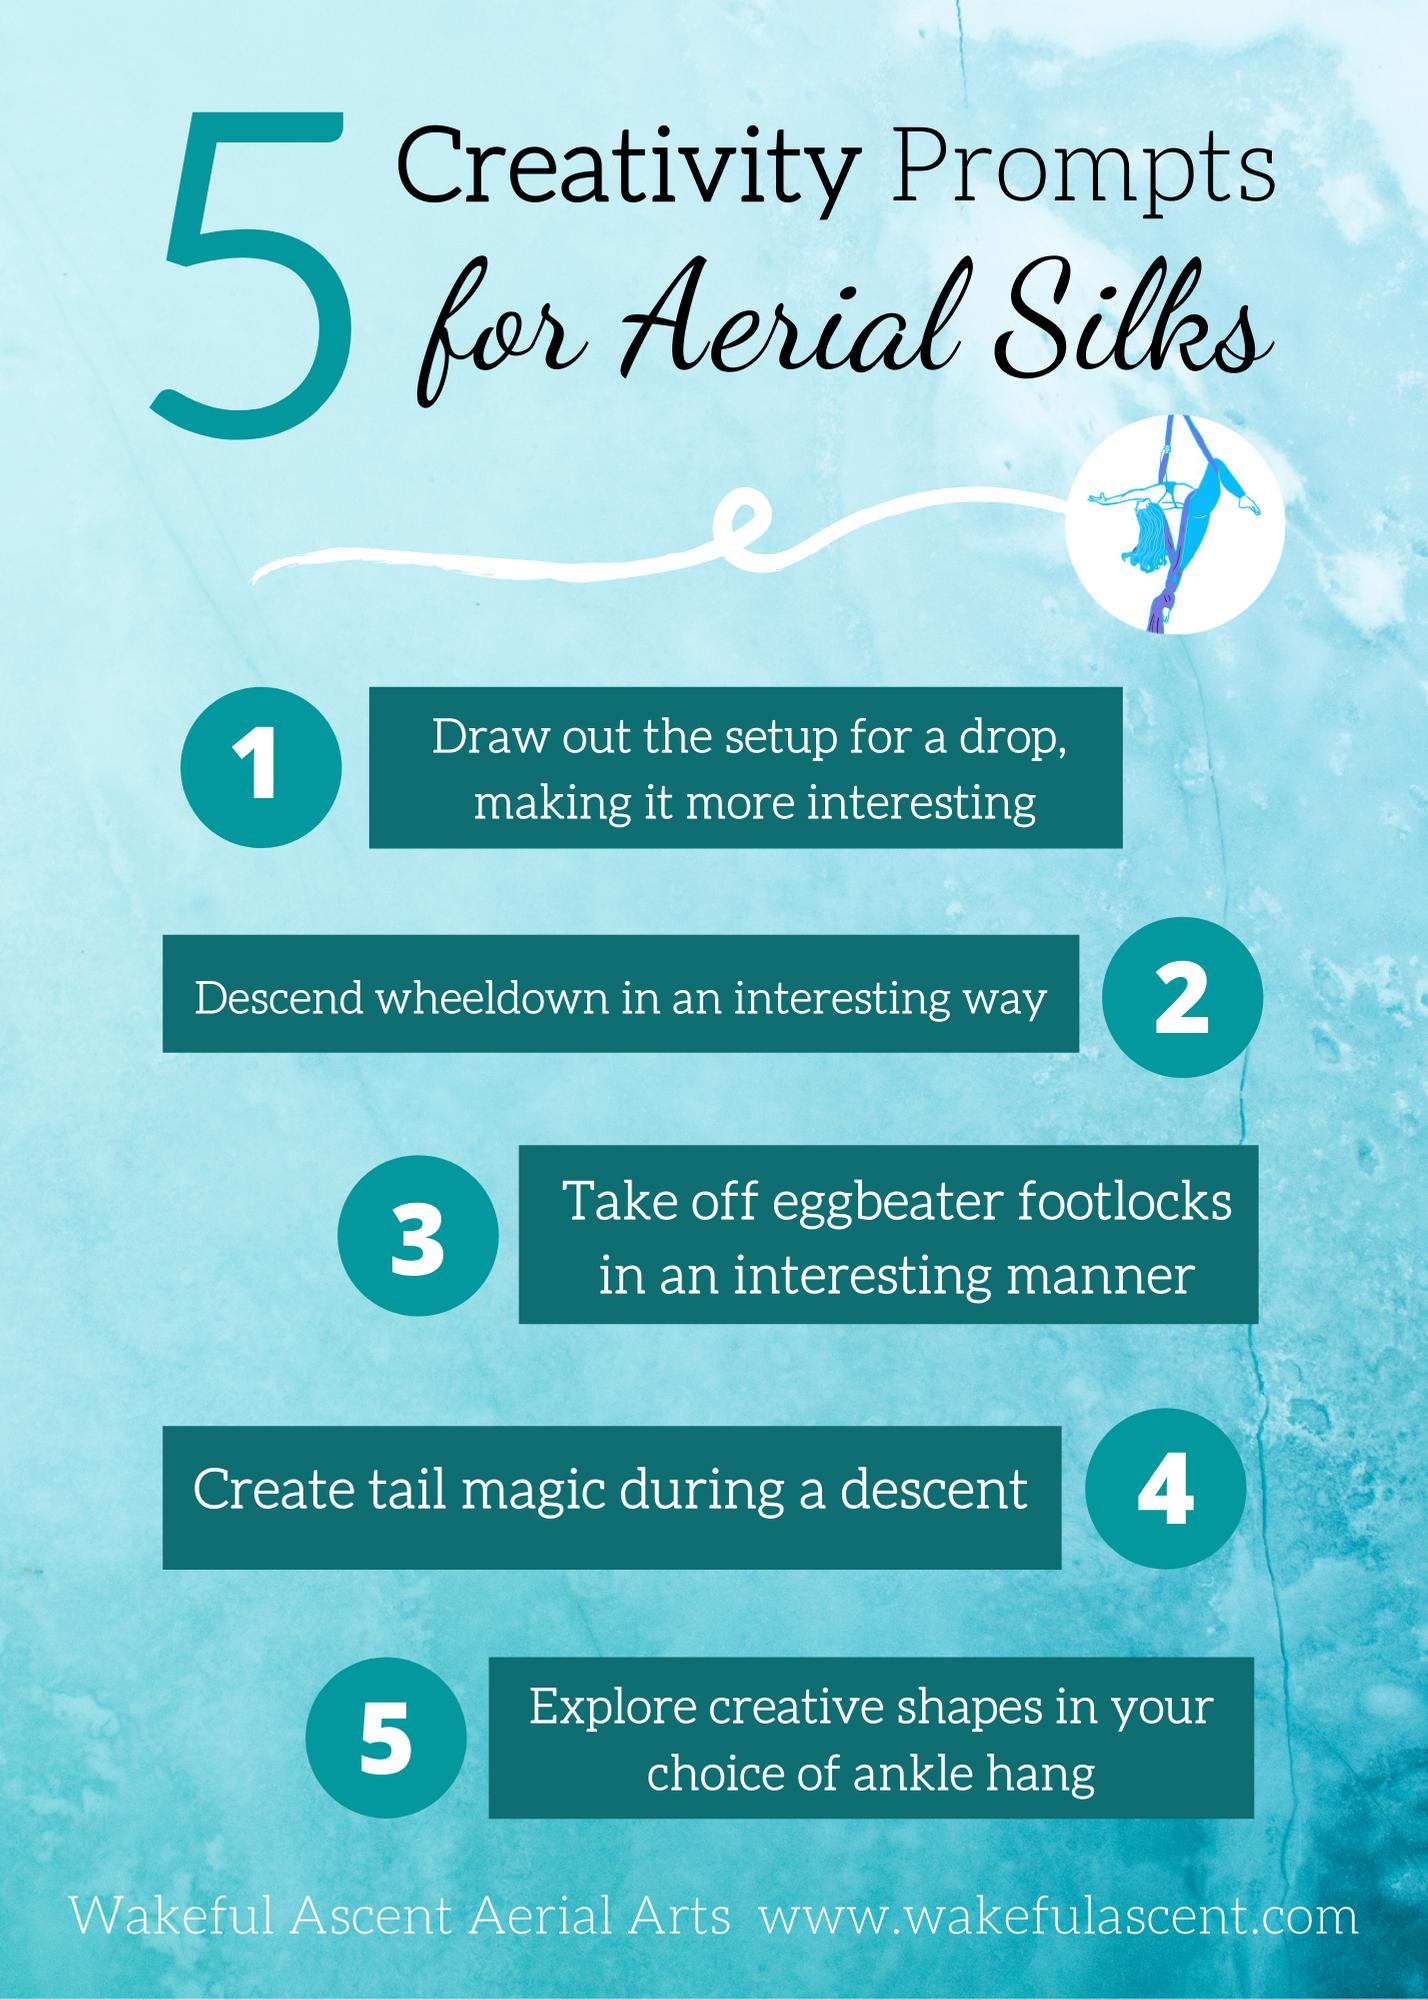 creativity-prompts-aerial-silks